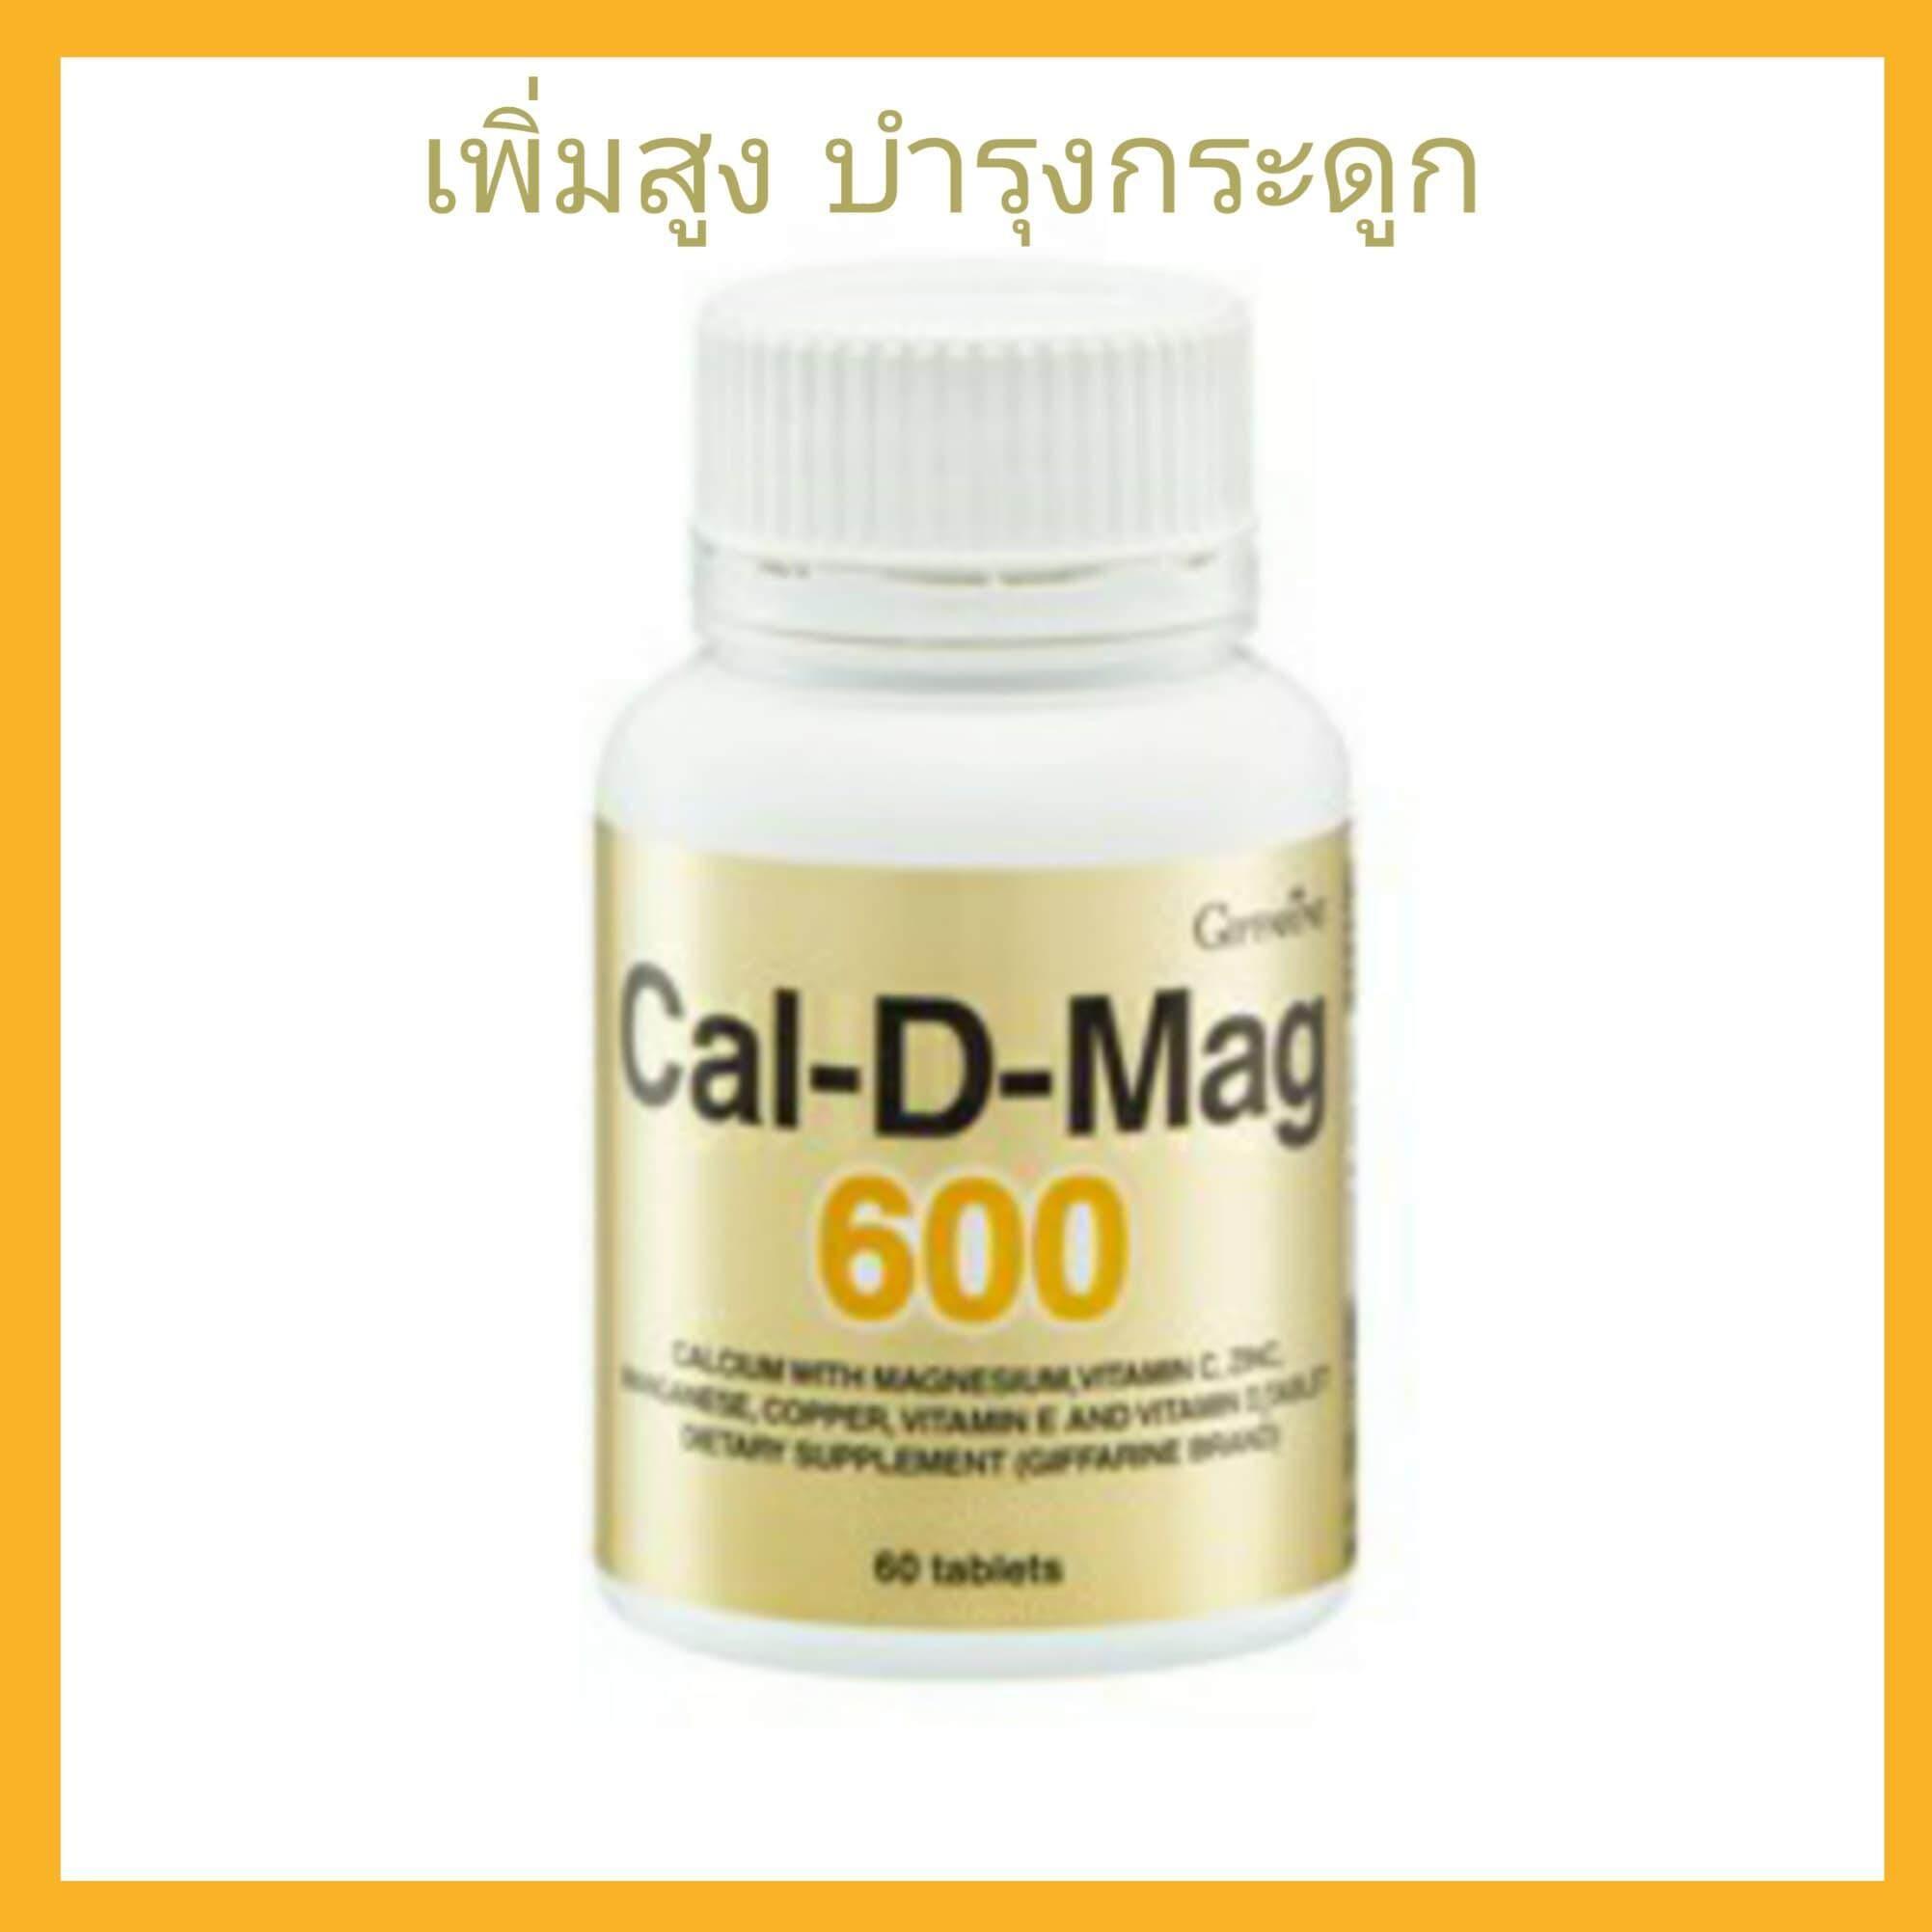 แคล-ดี-แมก 600 ผลิตภัณฑ์เสริมอาหาร (cal-D-Mag 600) แคลเซียมผสมแมกนีเซียม.